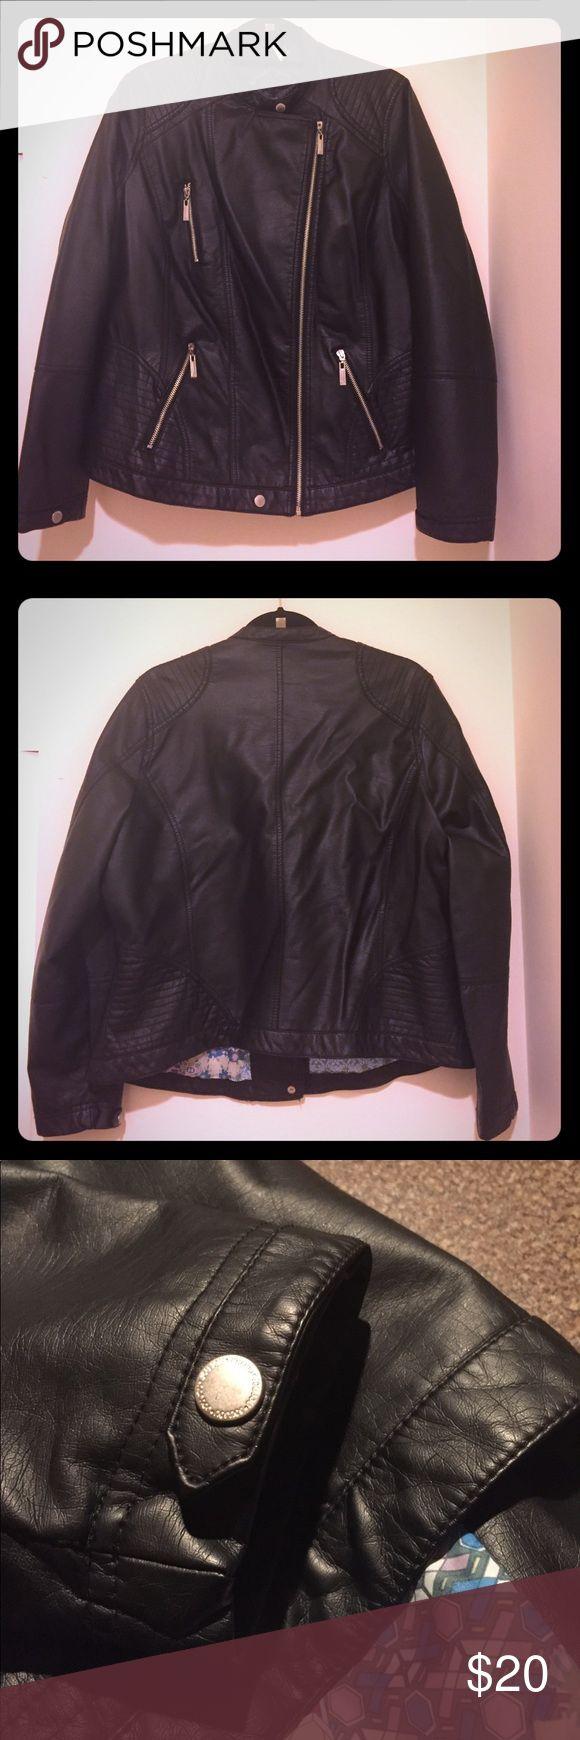 EUC. Faux leather peplum motorcycle jacket EUC. Faux leather peplum motorcycle jacket. Zip pockets. Jou Jou Jackets & Coats